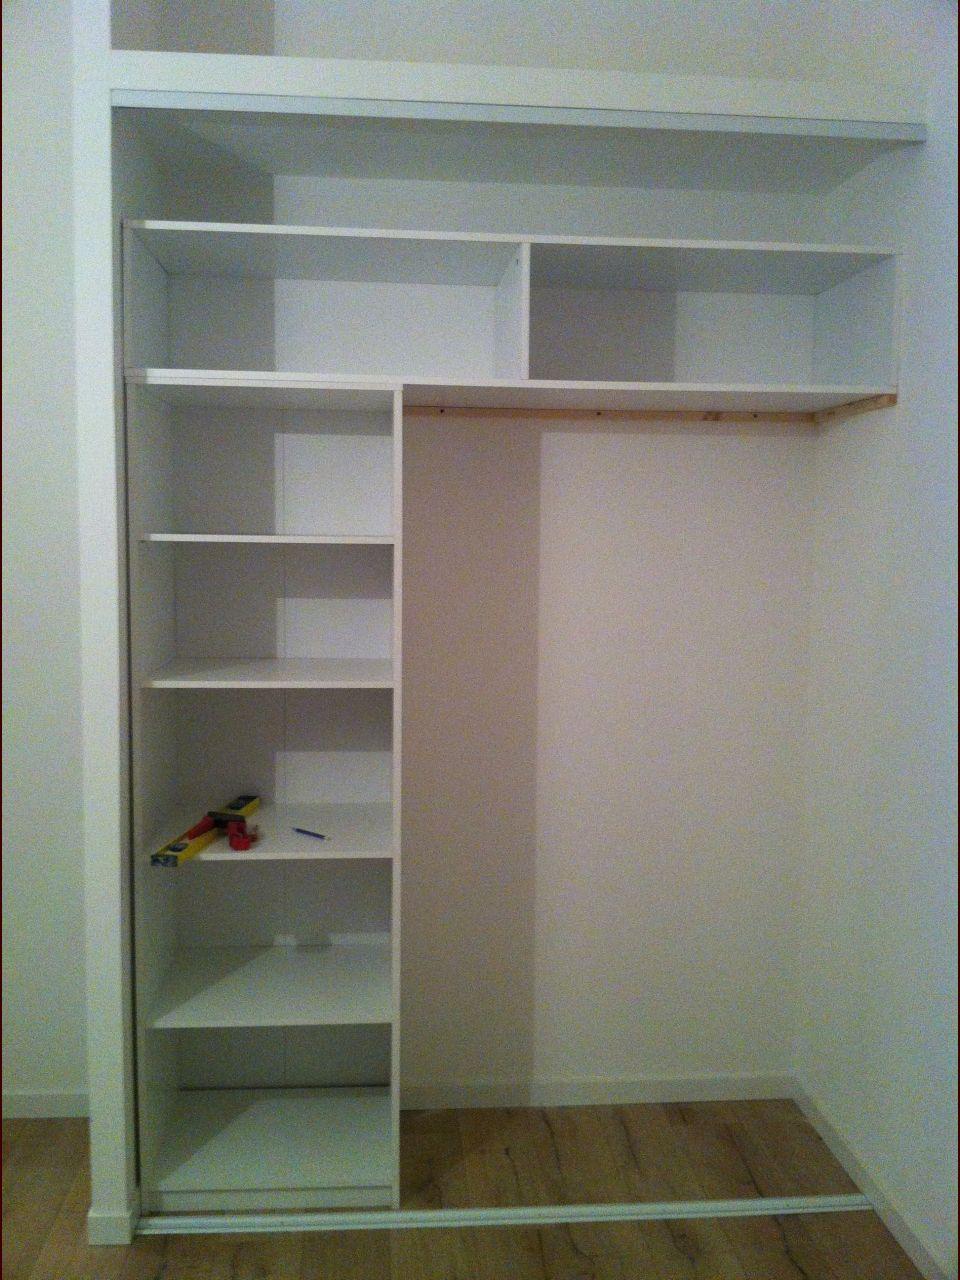 pose parquet l escalier b ton cire garde corps toulouse haute garonne. Black Bedroom Furniture Sets. Home Design Ideas